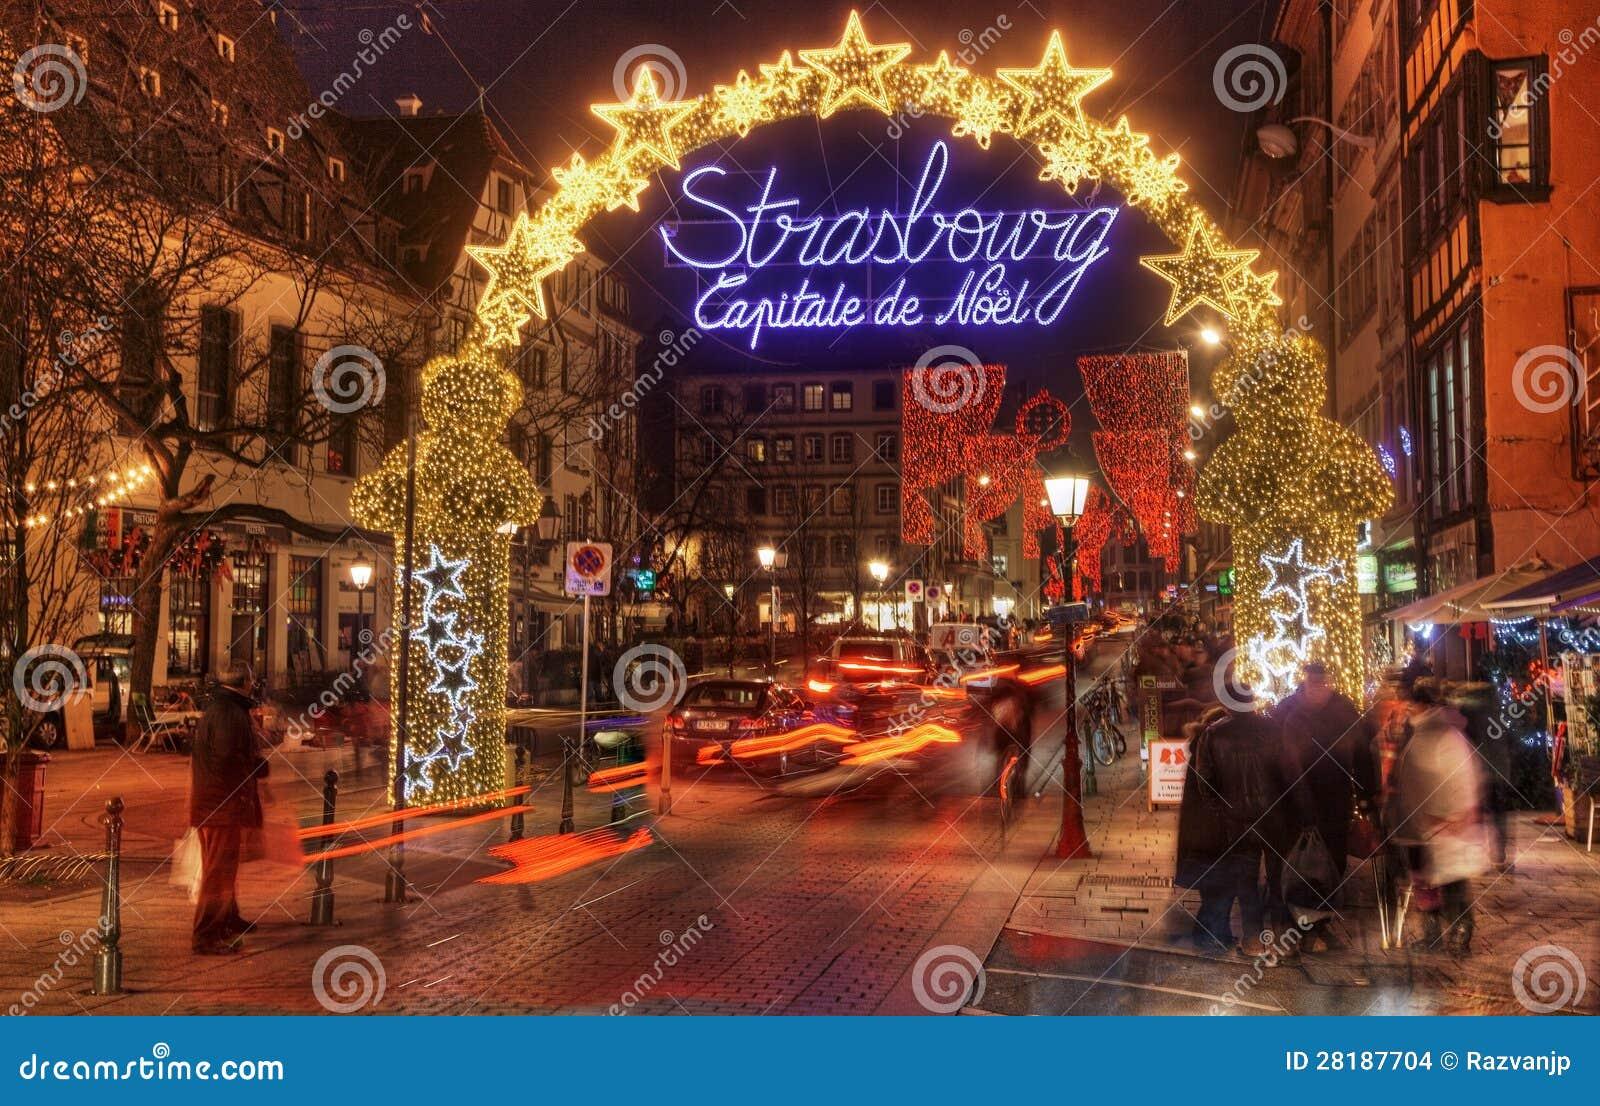 Capital De La Navidad De Estrasburgo Imagen De Archivo Editorial Imagen De Navidad Estrasburgo 28187704